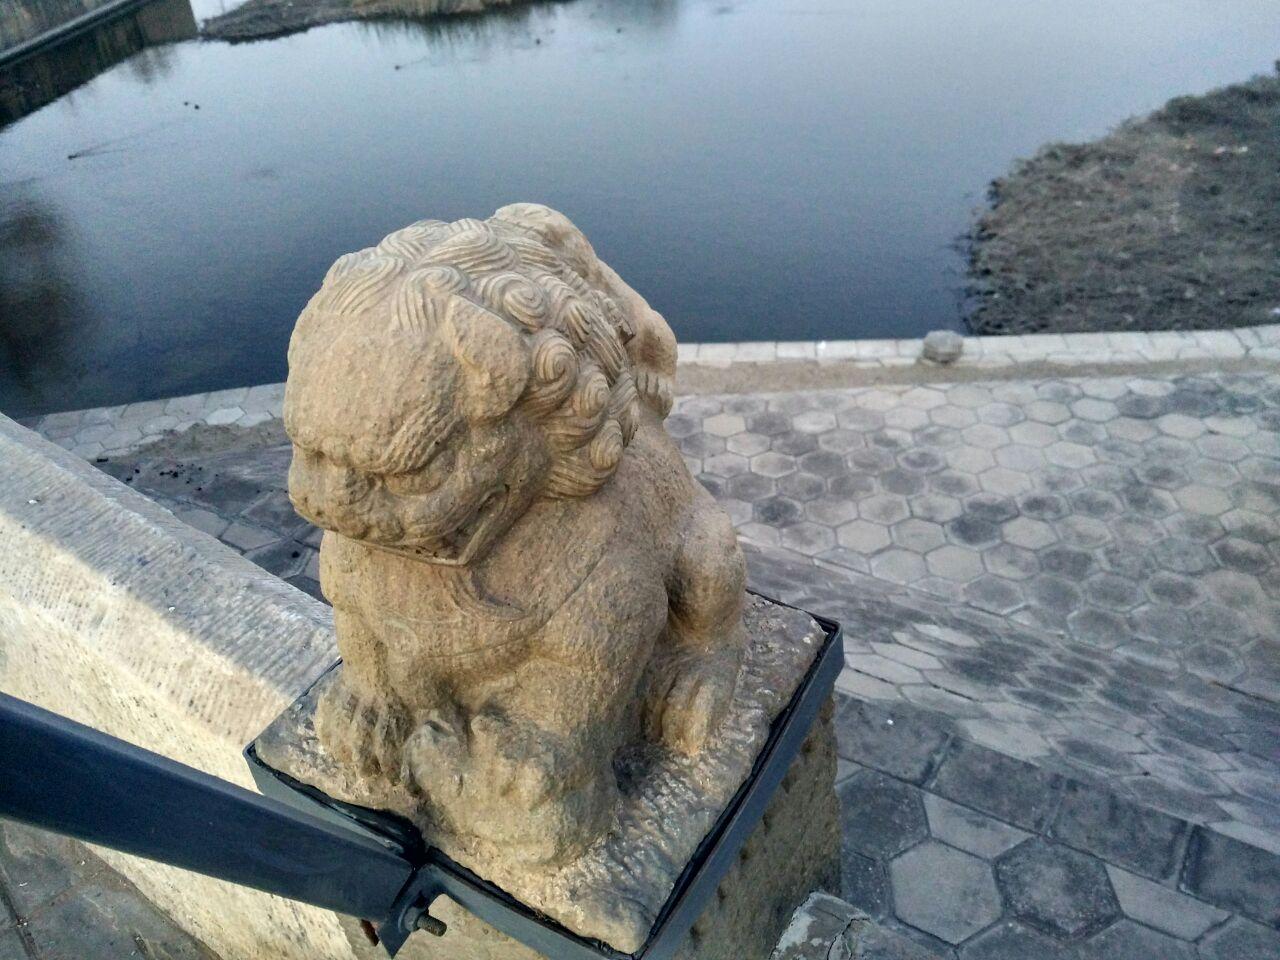 原名永通桥,始建于1446年的明代三孔石拱桥,横跨在通惠河上;是通州至北京大道上的必经之处,因距通州八里而得名 。  位置在八里桥地铁站的B2出口,京通快速路的八里桥收费站的北侧。八里桥不仅是一座造型独特的古桥,这里也是清末八里桥血战的古战场。  看点1:八里桥的中间桥拱很高,而它的两侧小桥拱却很矮小,如此悬殊的比例也给八里桥带来了非常独特的形式感,八里桥的桥拱是北京独一无二的。通惠河曾是京城的主要运粮通道,高高的拱桥可以让来往帆船直接通过,八里桥也就有